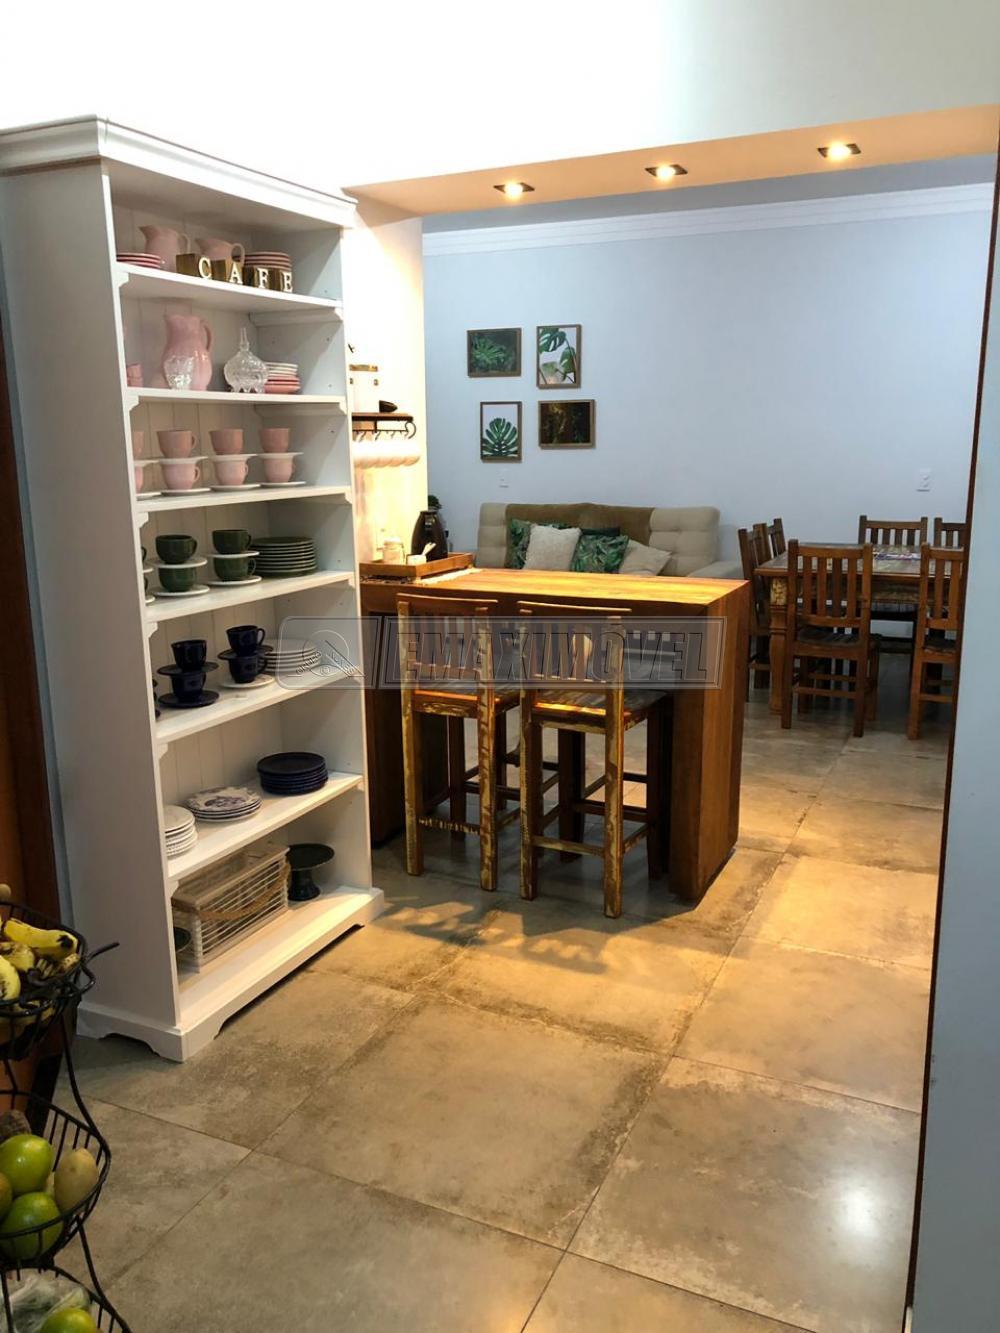 Comprar Casas / em Condomínios em Sorocaba apenas R$ 650.000,00 - Foto 4